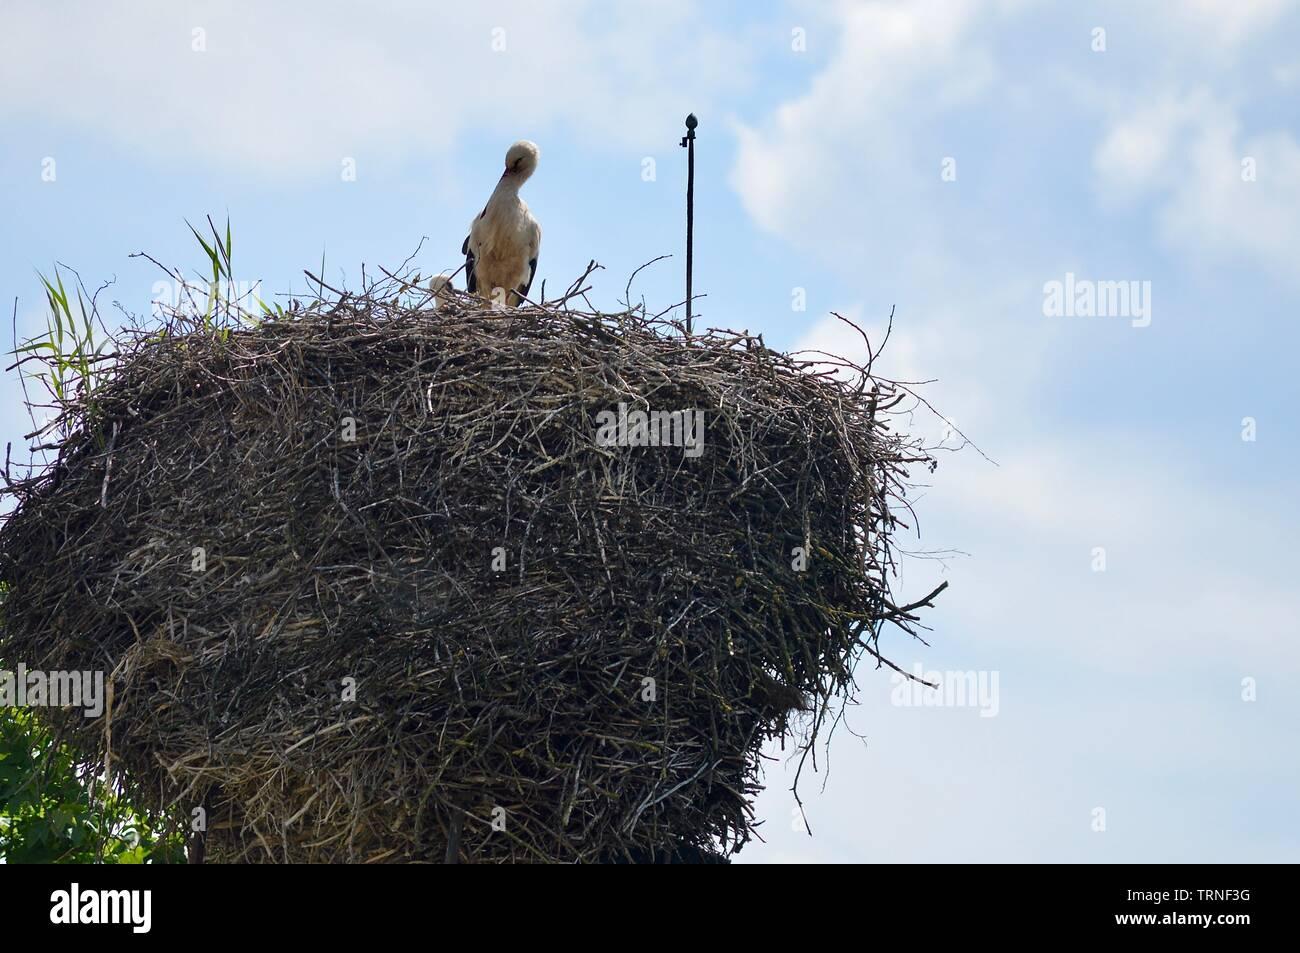 Stork Mutter und achten Sie auf Ihr storklets in ihren großen Nest auf dem Schornstein Stockbild